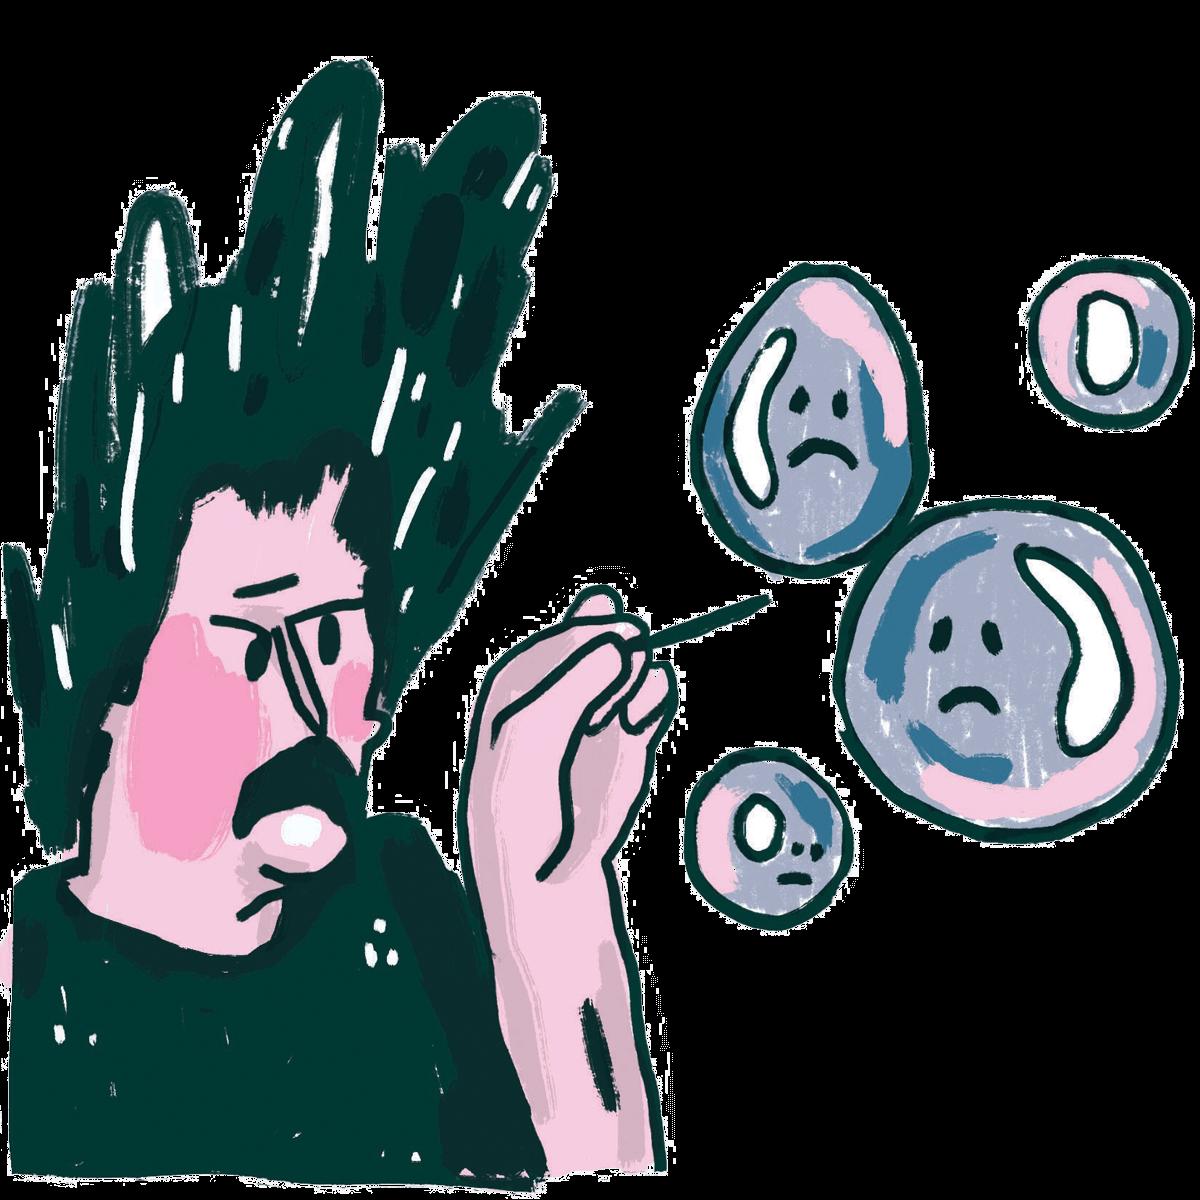 Illustratie Jeukwoord: Bubbels